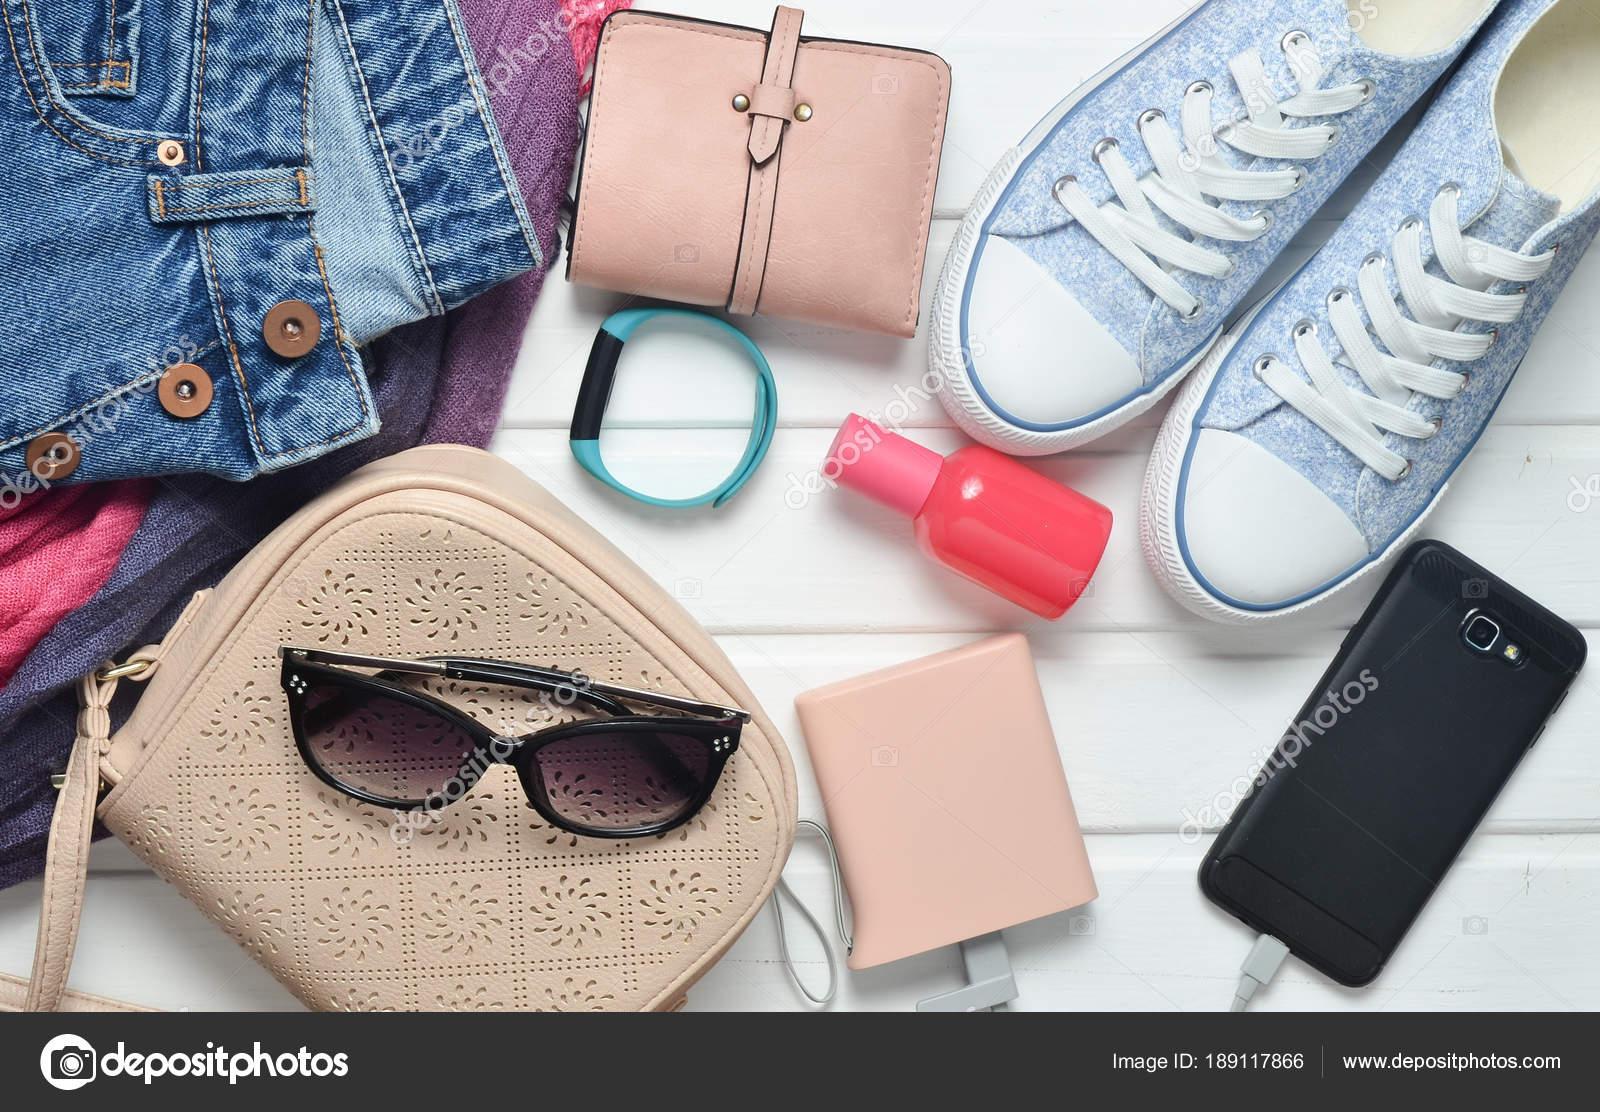 822d094b9ad5 Feminina Acessórios Moda Sapatos Roupas Gadgets Modernos Sobre Fundo Branco  — Fotografia de Stock